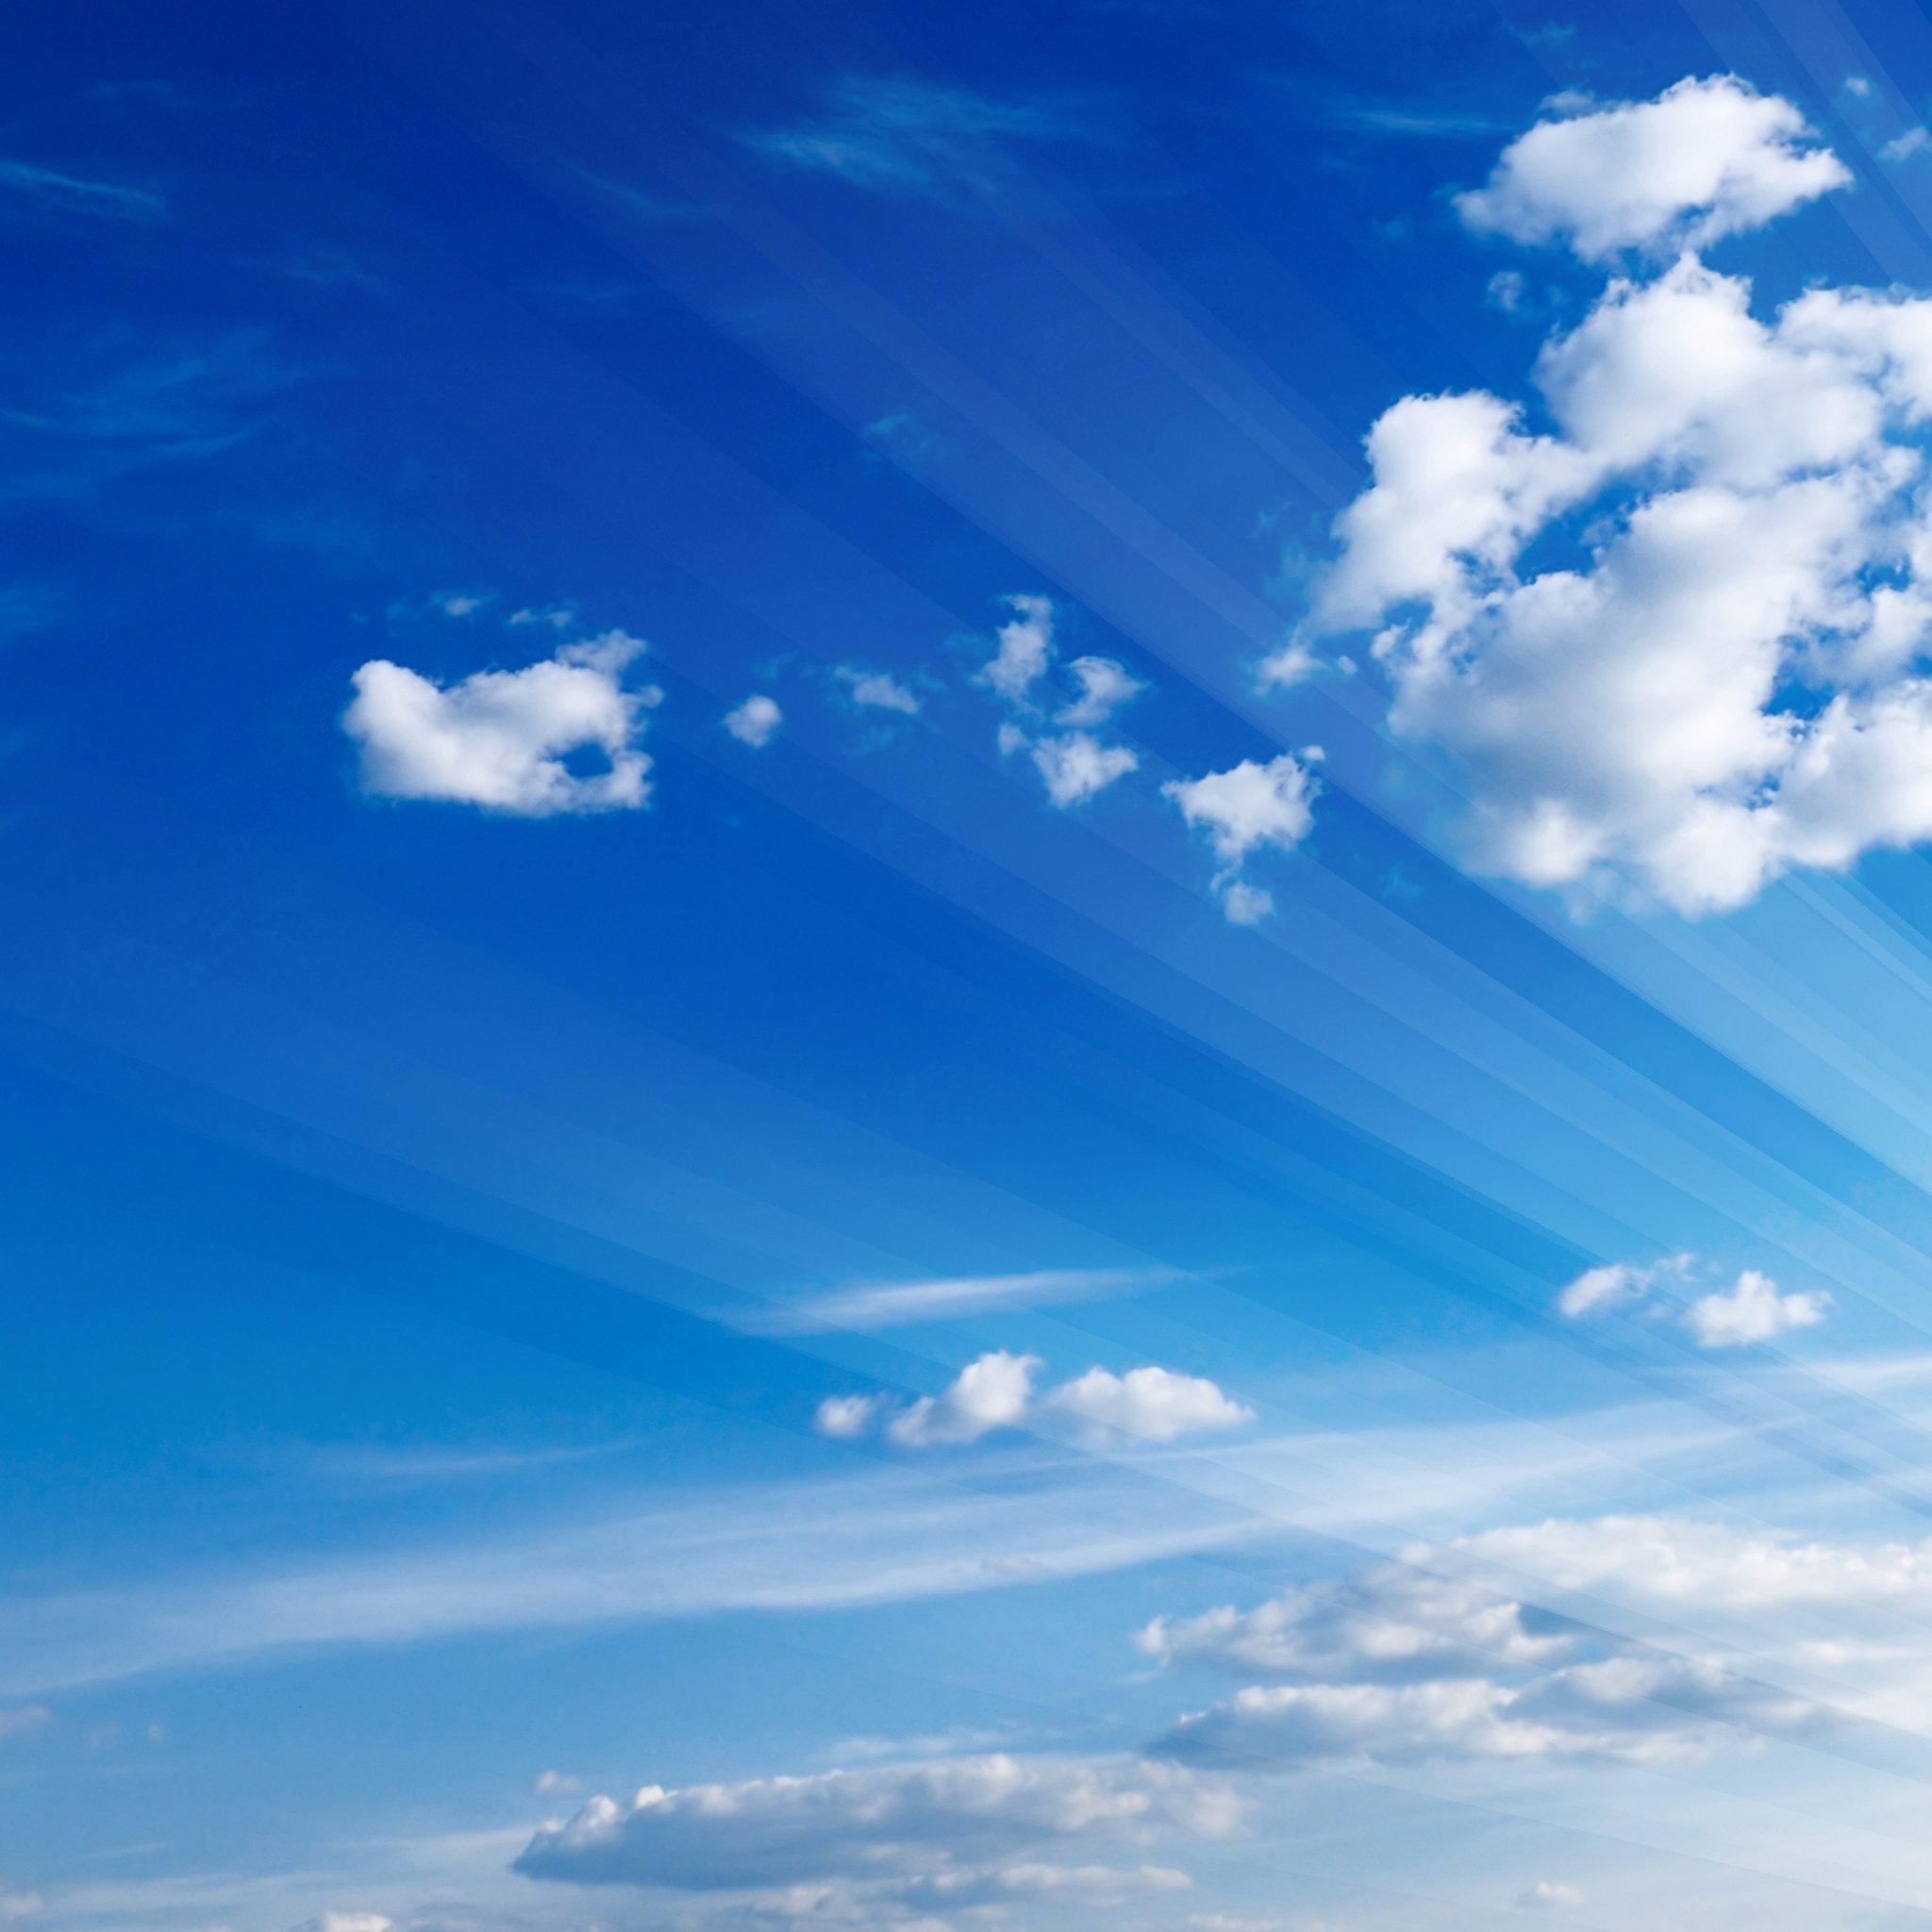 Hình ảnh trời mây và ánh nắng